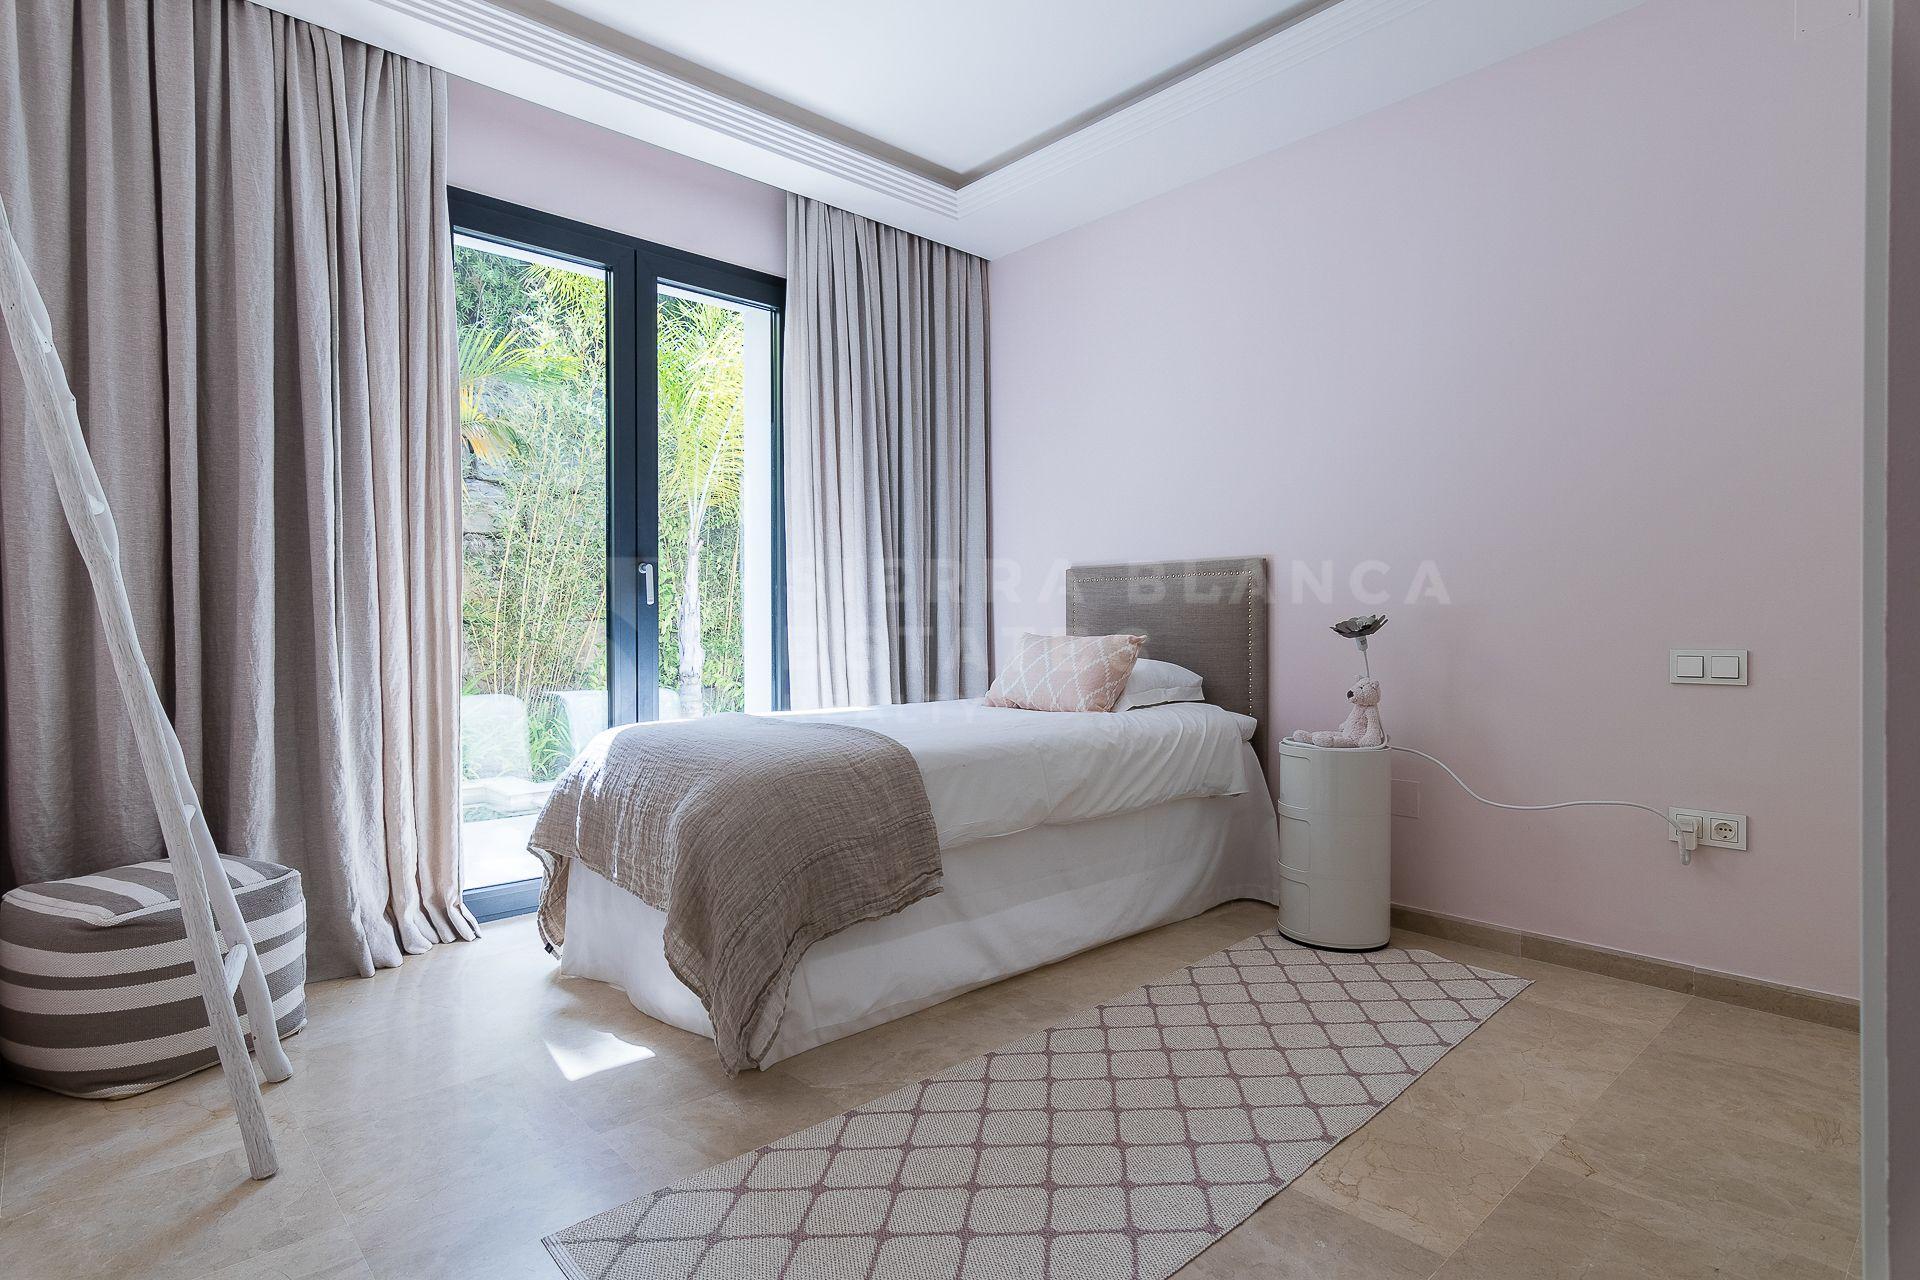 Exquisite Villa in Los Naranjos Golf, Nueva Andalucia